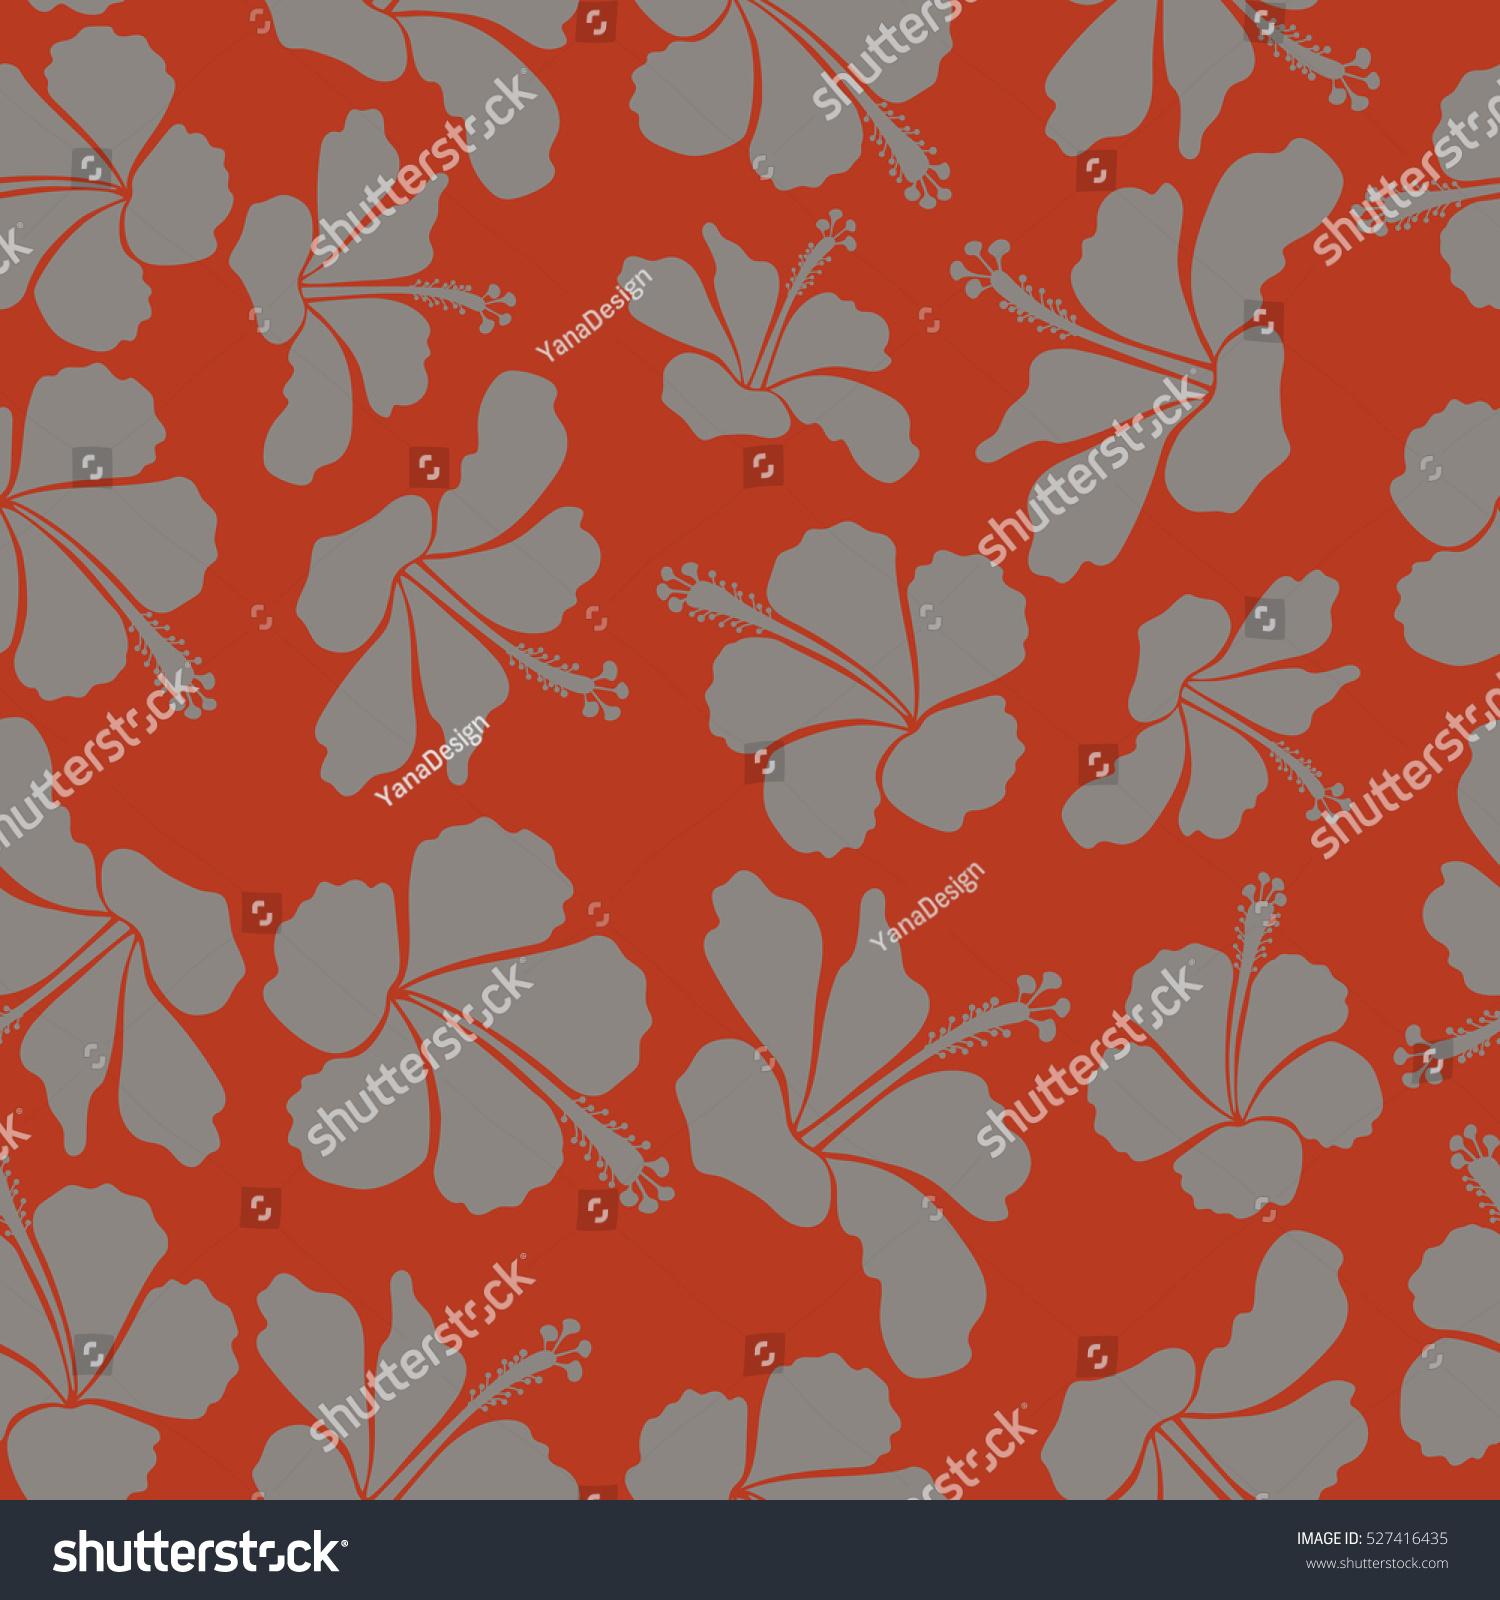 Design Orange Gray Colors Invitation Wedding Stock Vector 527416435 ...